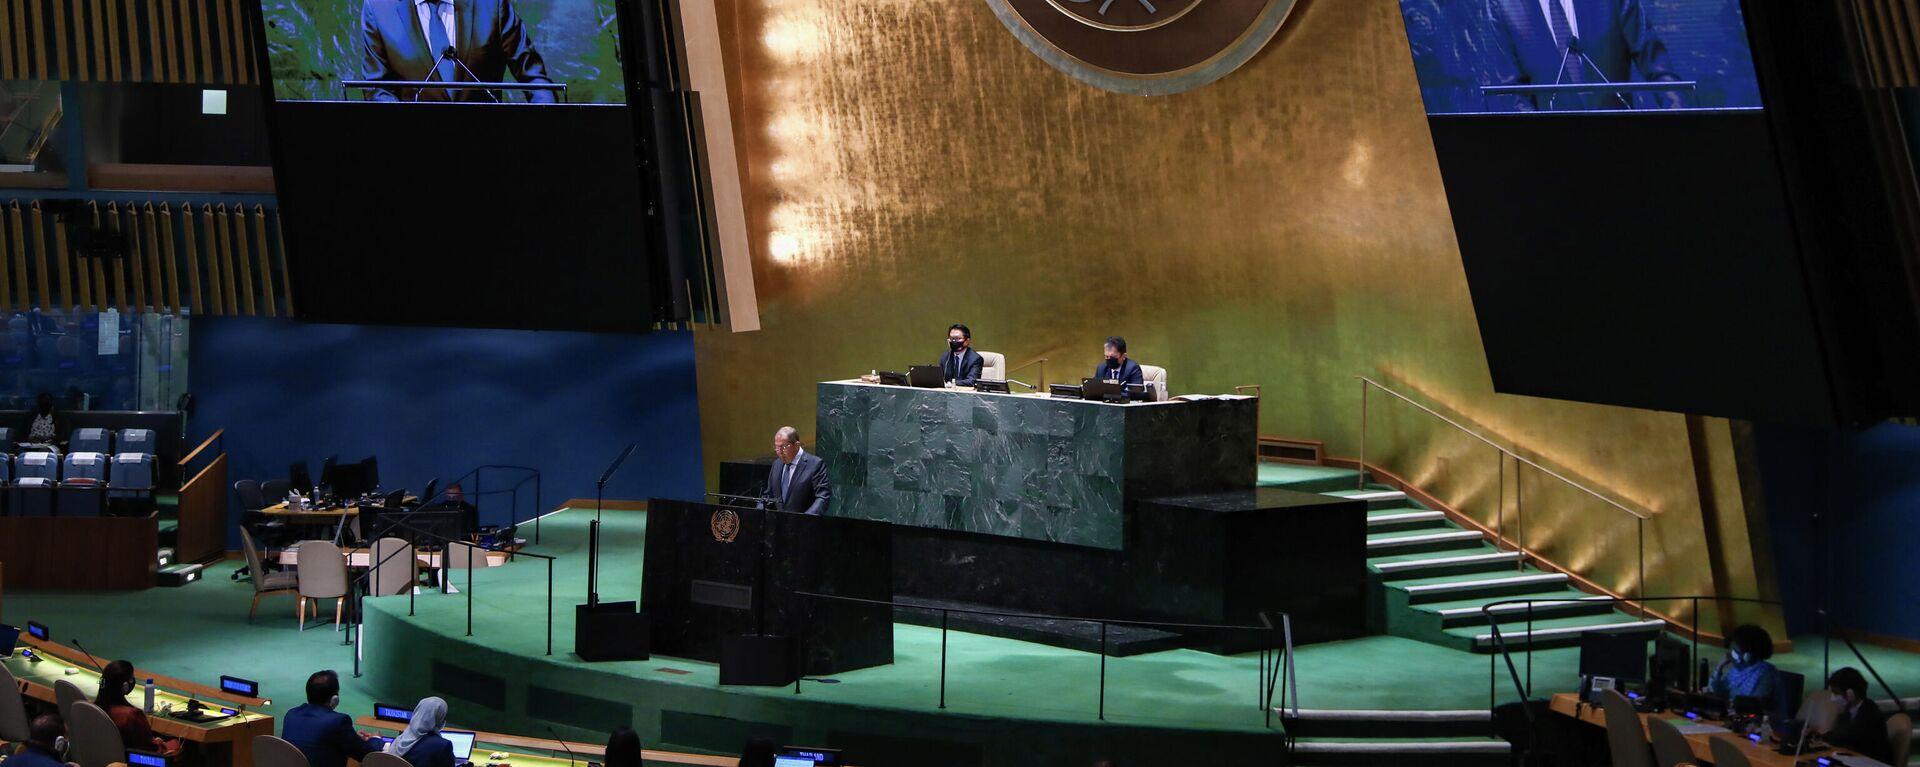 Выступление С. Лаврова на общеполитической дискуссии 76-й сессии ГА ООН - Sputnik Узбекистан, 1920, 26.09.2021